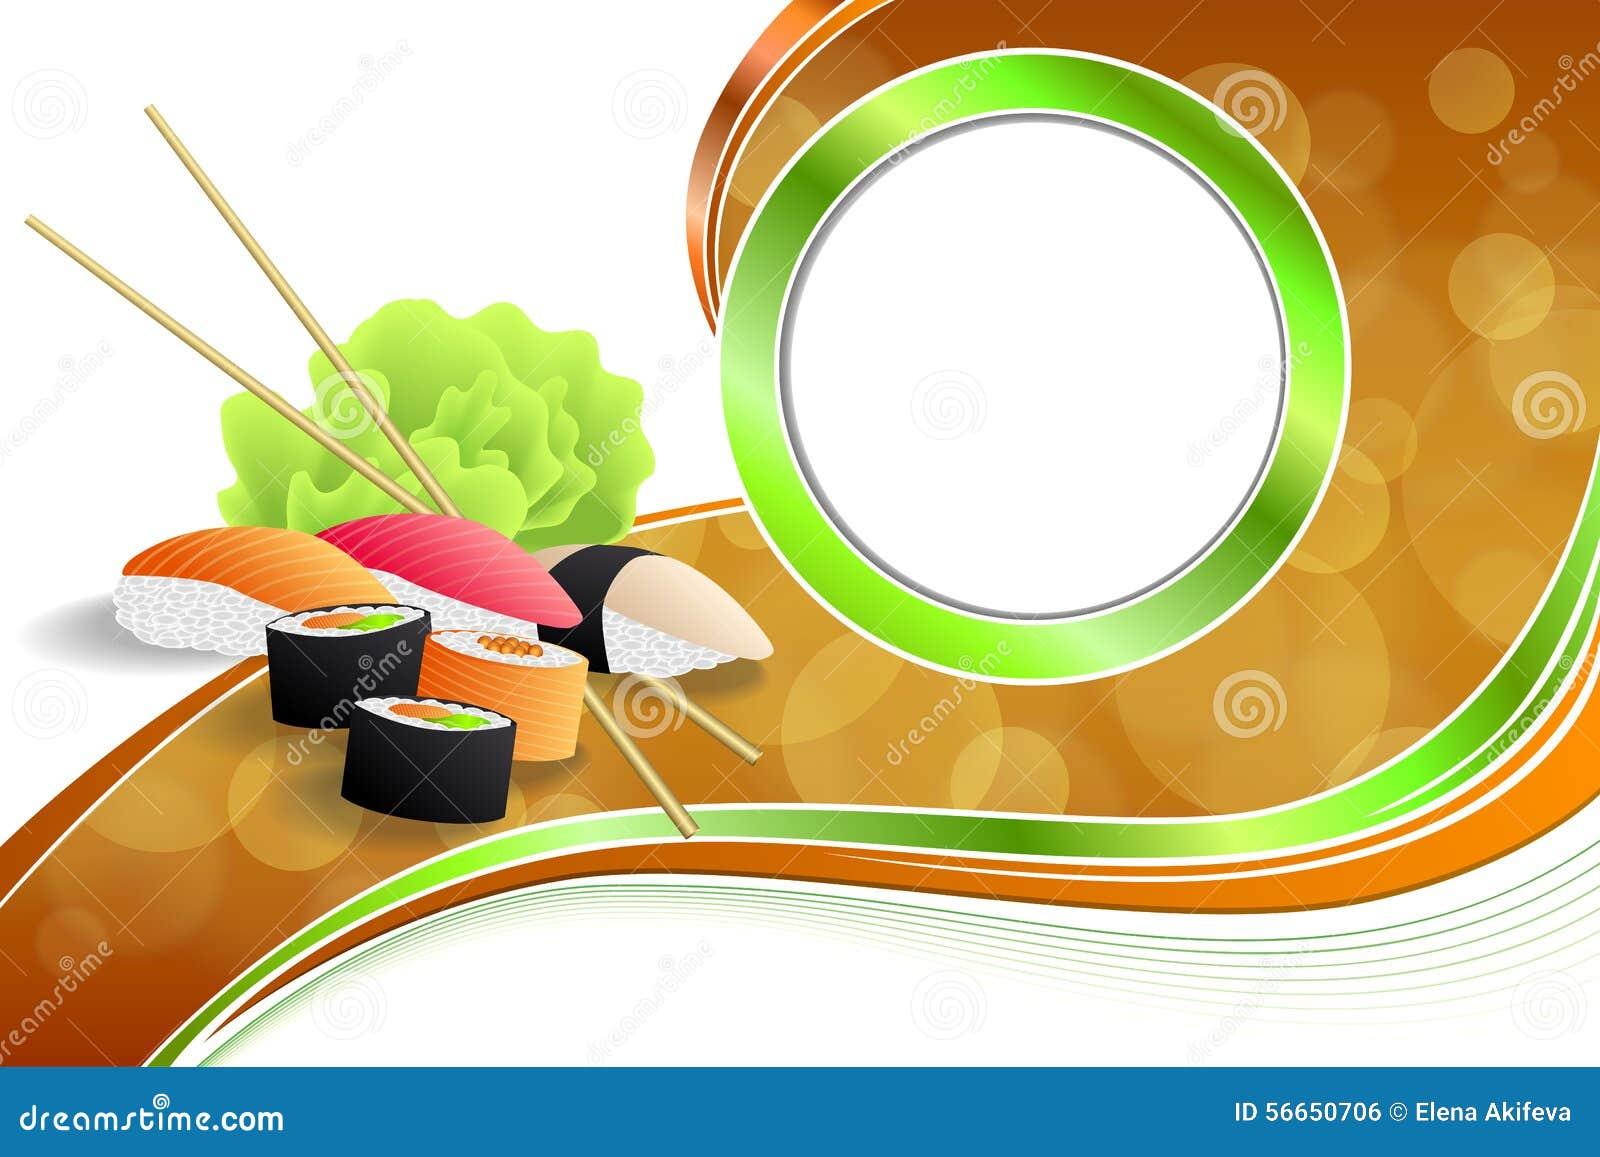 抽象背景食物寿司绿色橙黄丝带框架例证